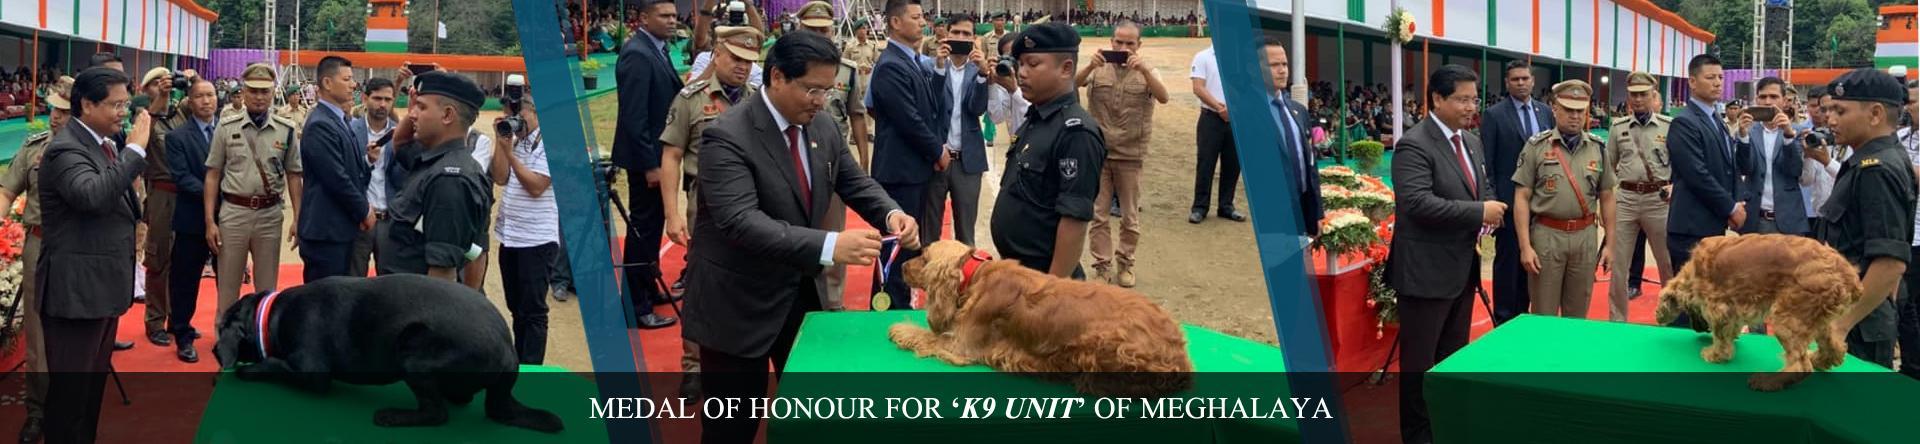 Medal of Honour for K9 Unit